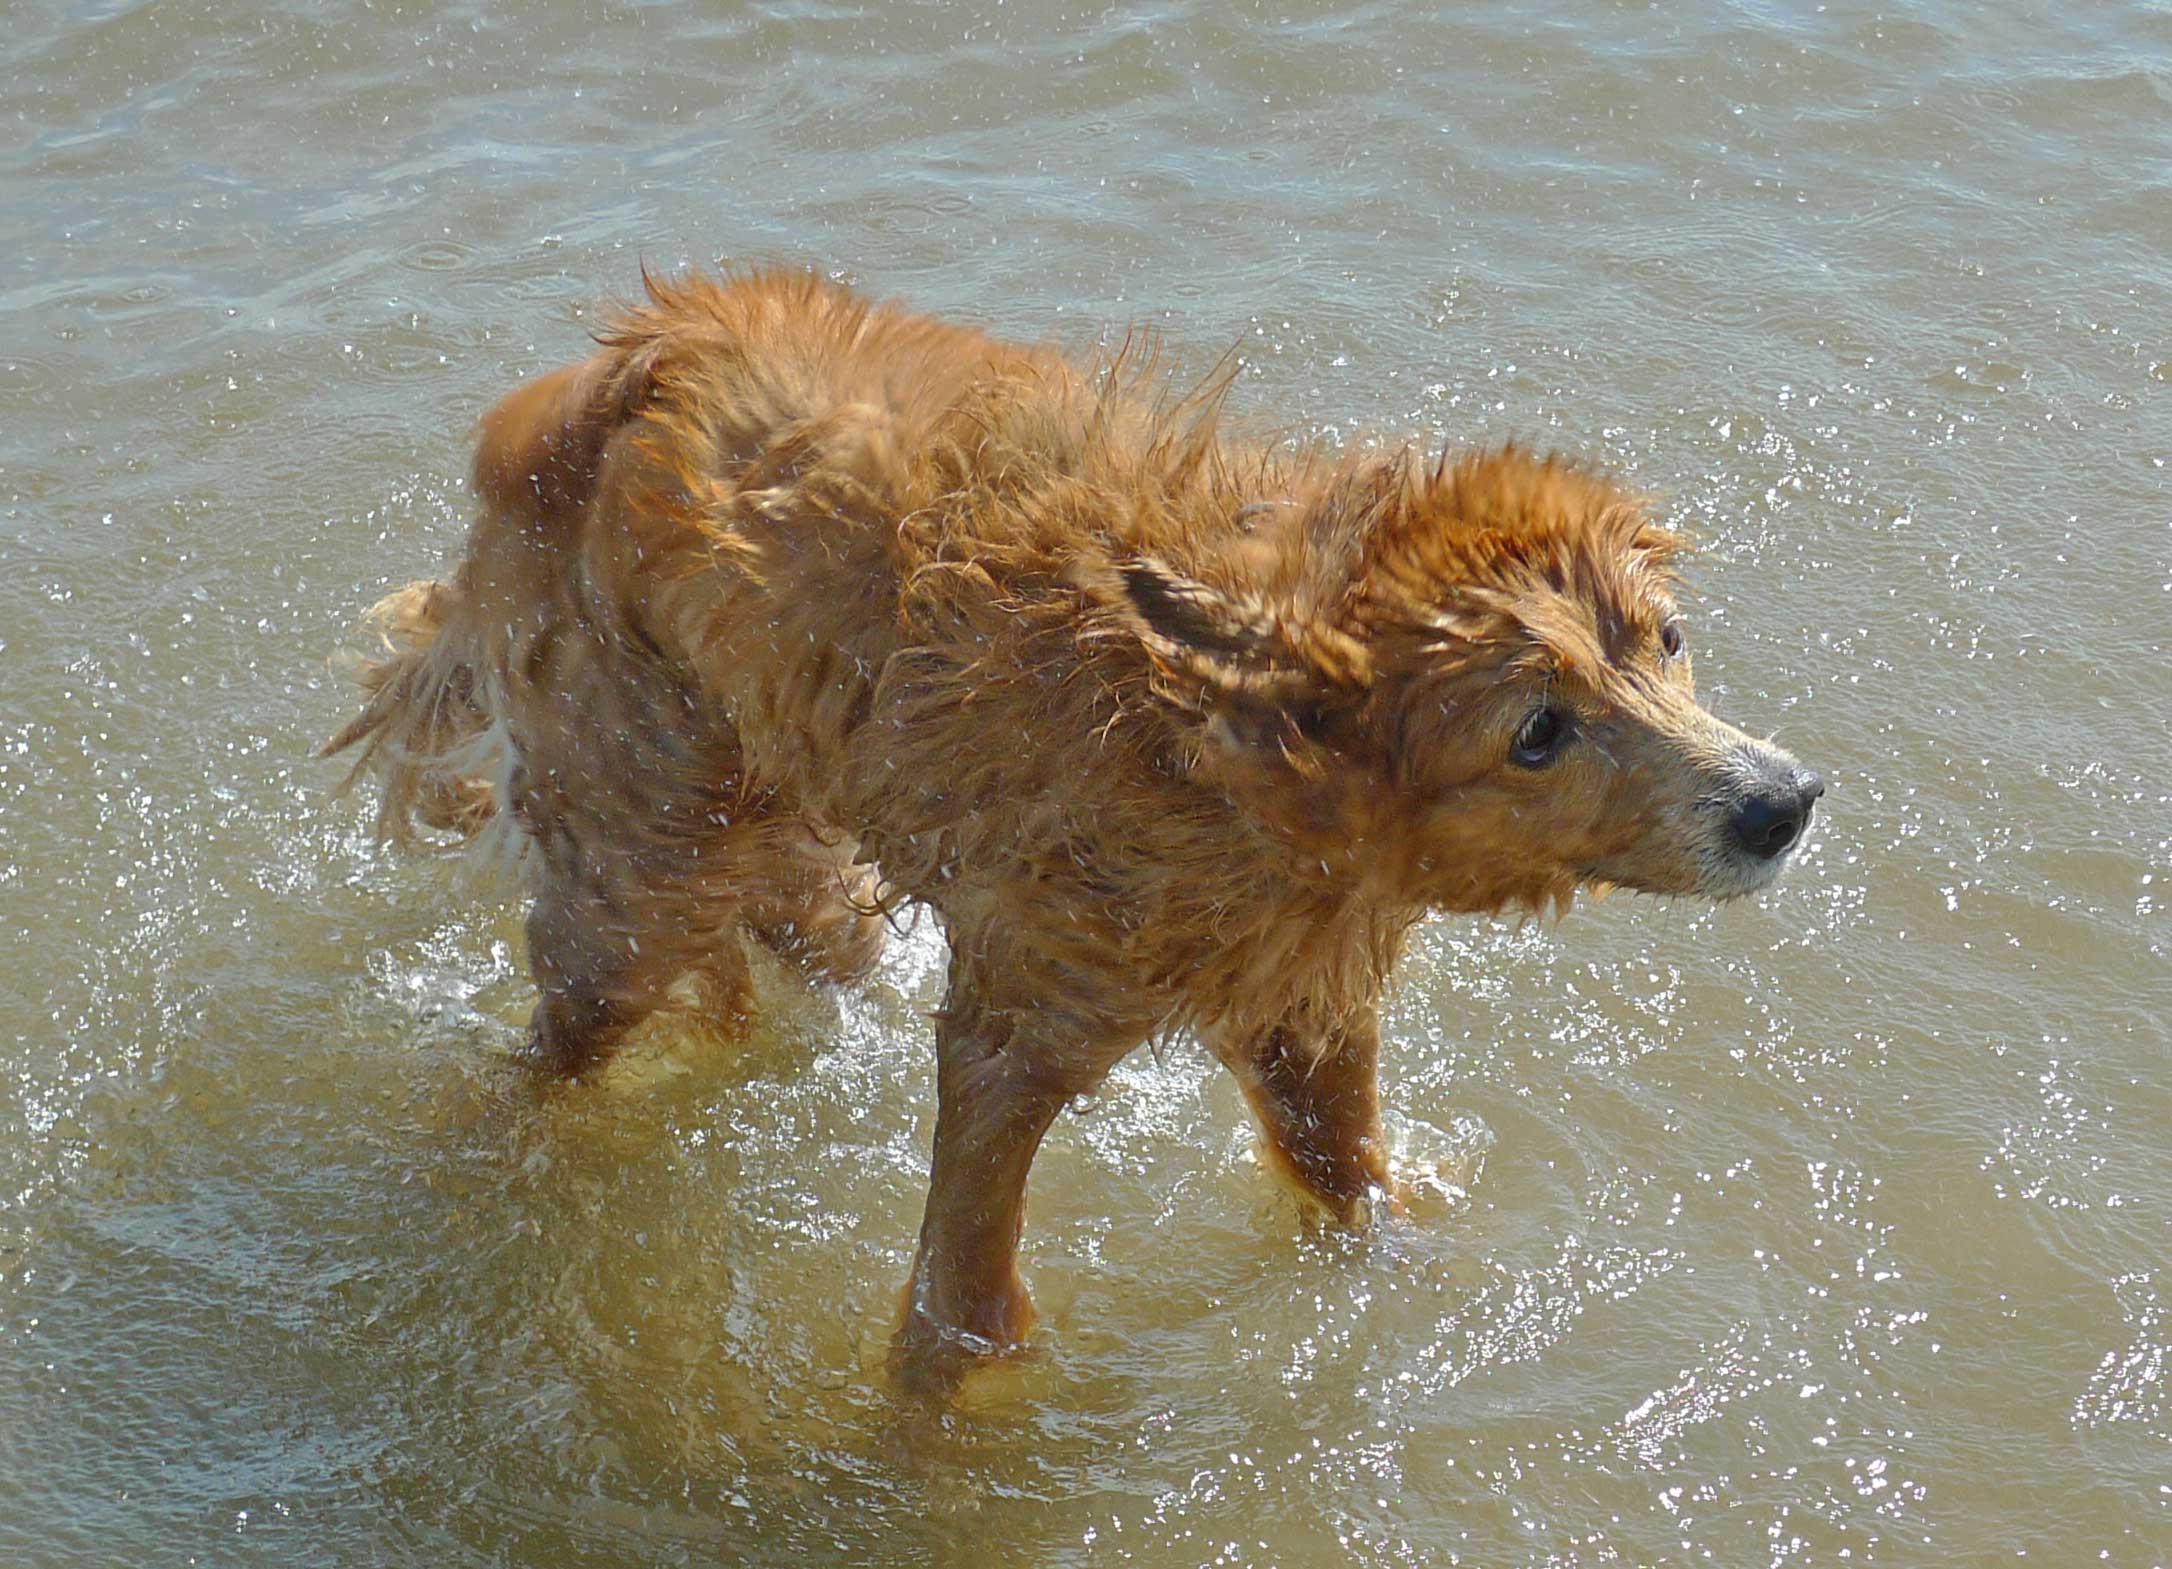 Hund schüttelst sich im Wasser